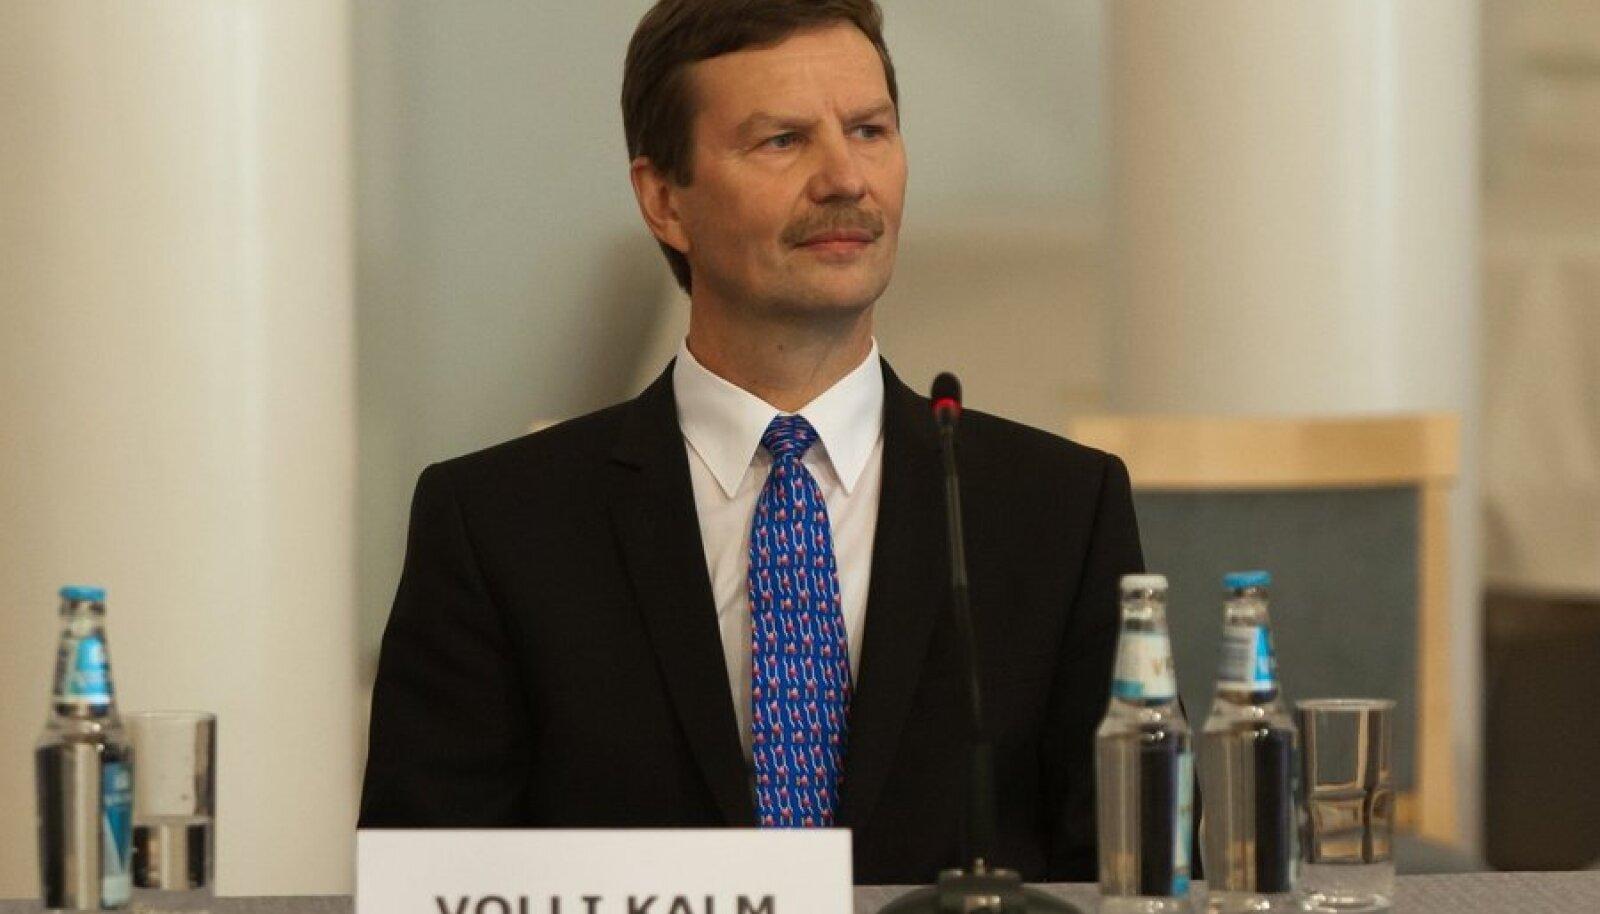 Volli Kalm